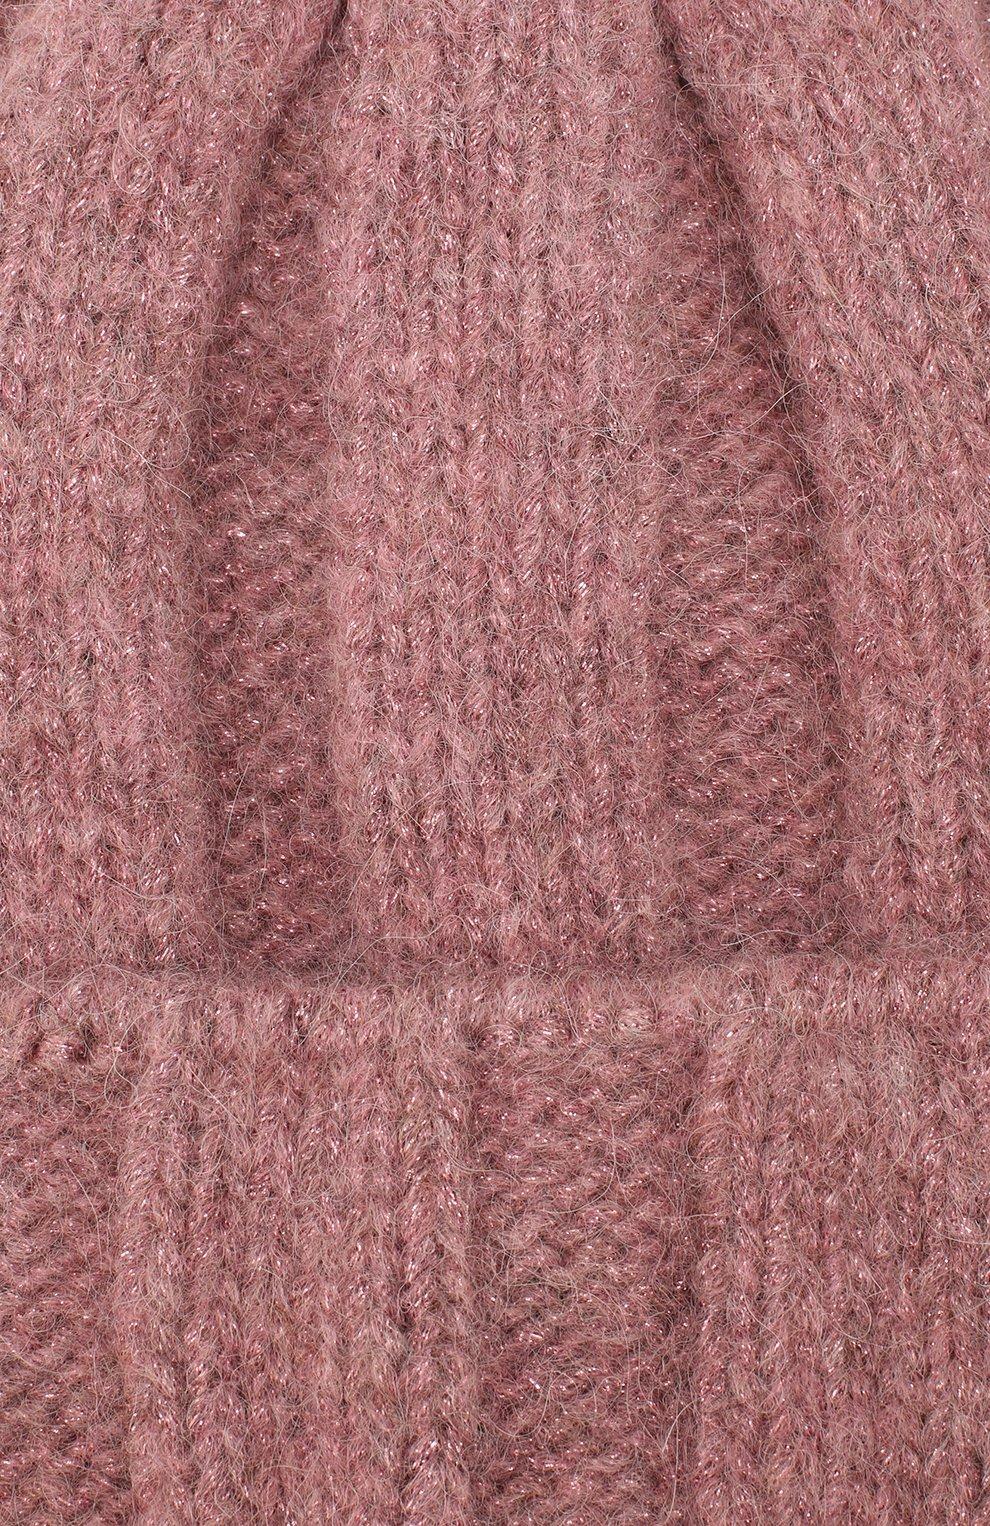 Женская шерстная шапка armel CANOE розового цвета, арт. 4923665   Фото 3